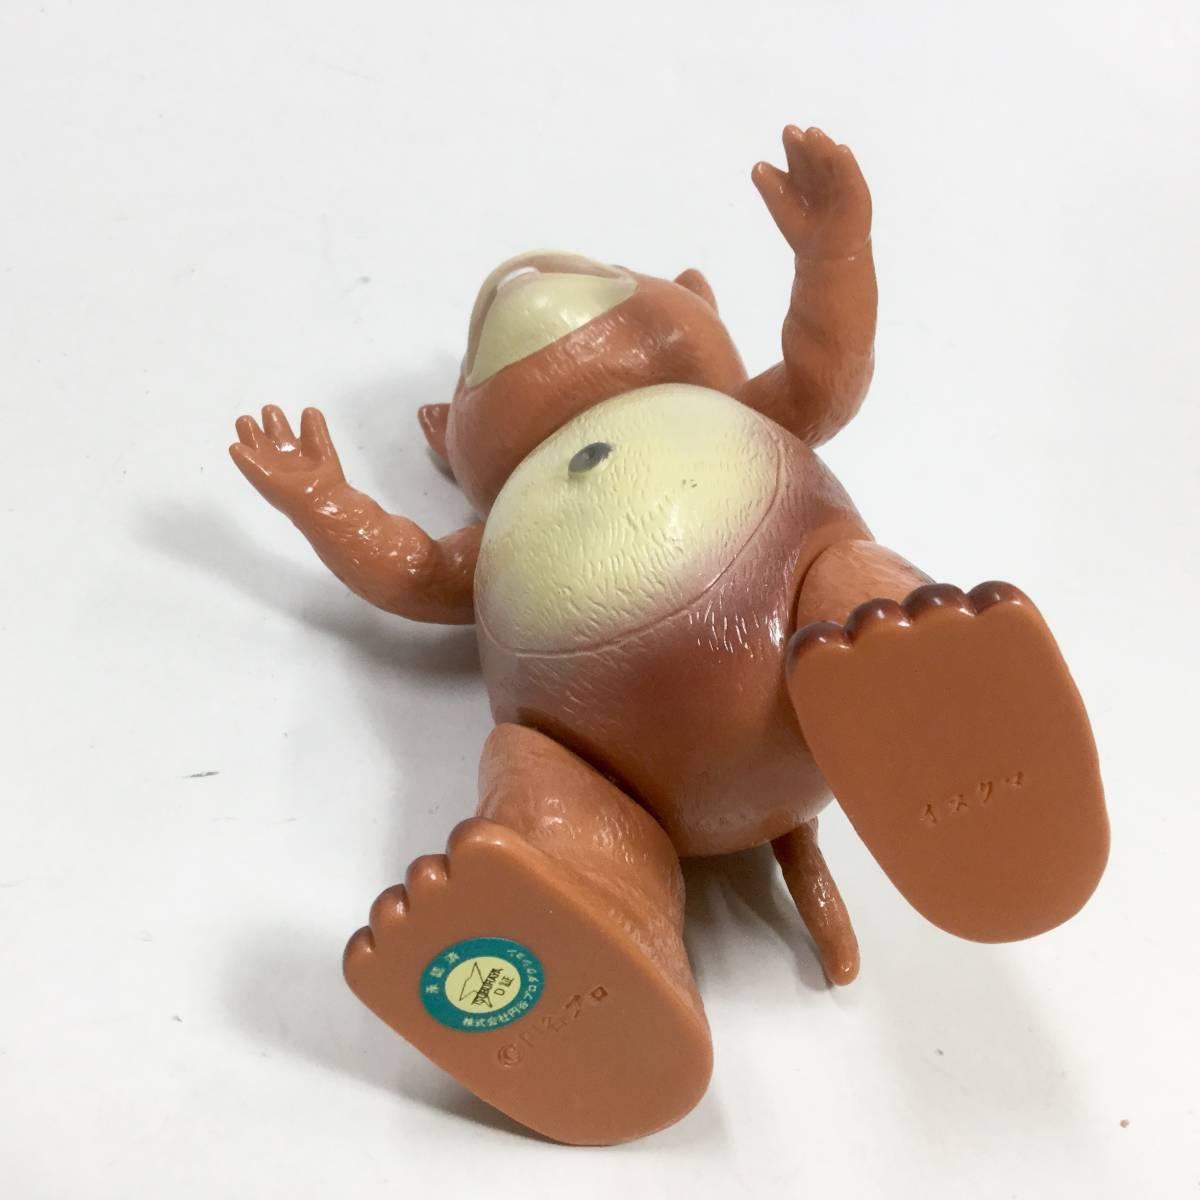 ブースカ ソフビ スタンダードサイズ イヌクマ フィギュア 1960年代 キャラクター レトロ ビンテージ 円谷プロ 快獣 怪獣 _画像8